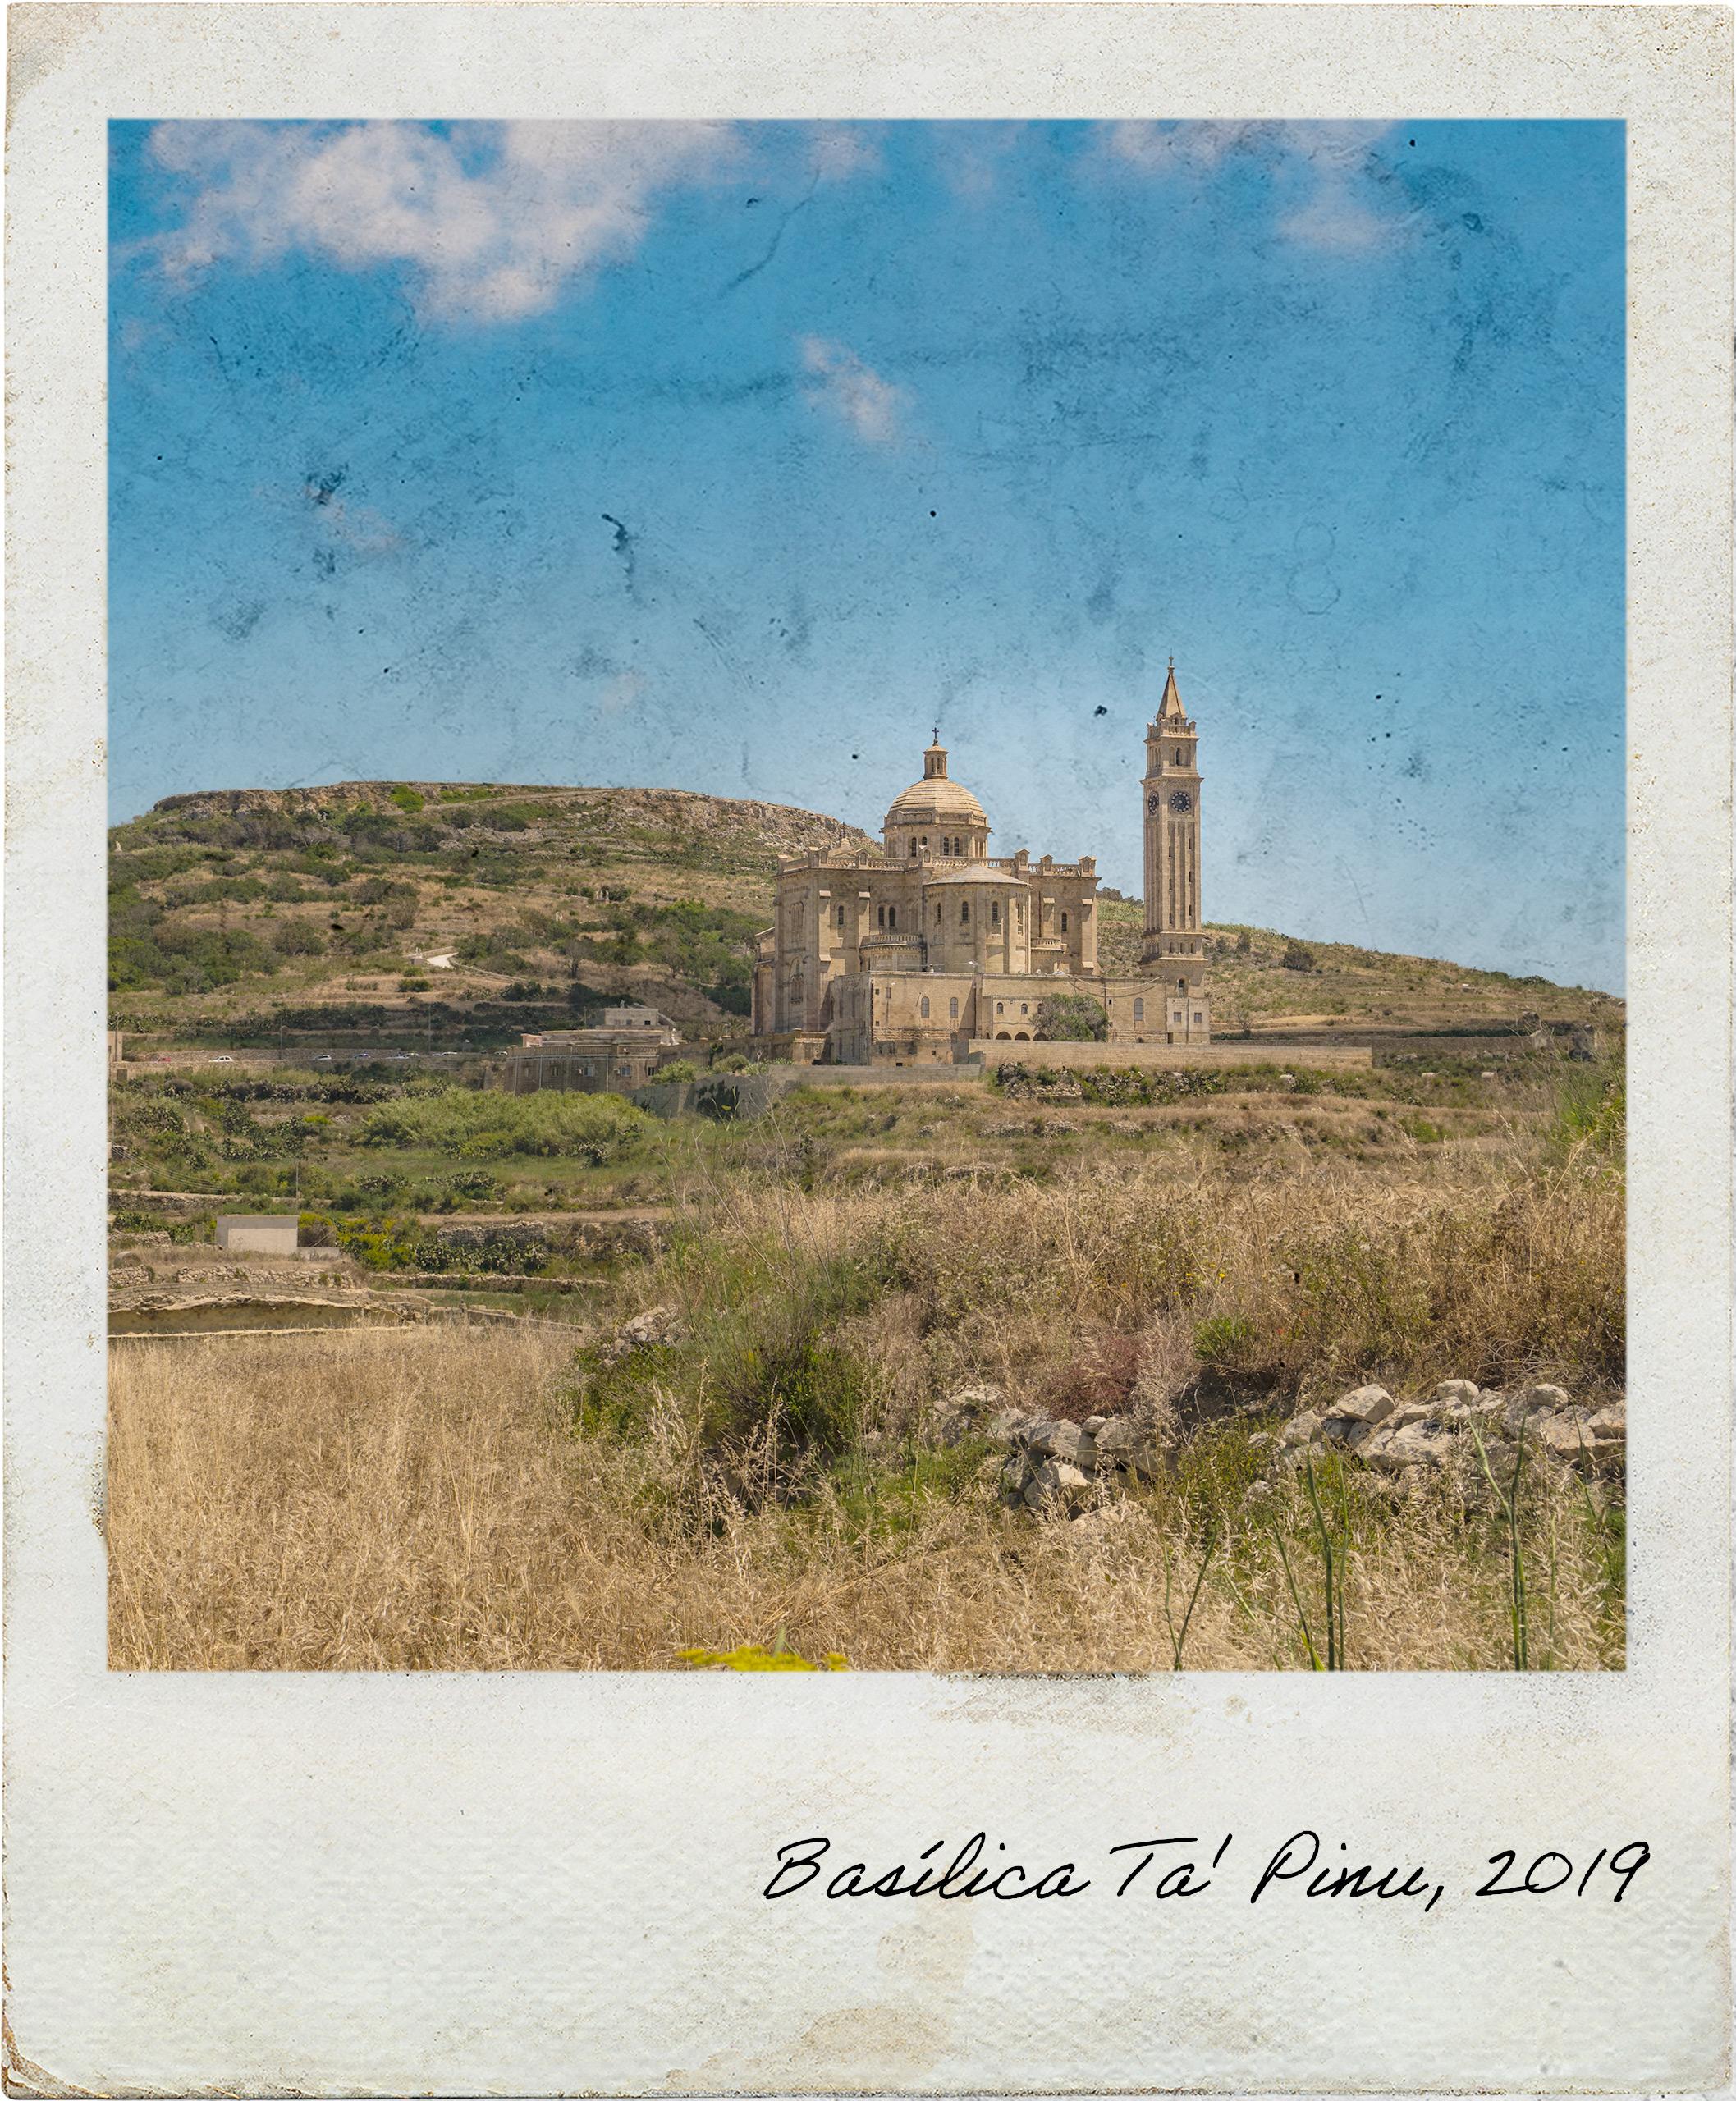 Vista para a Basílica Ta' Pinu